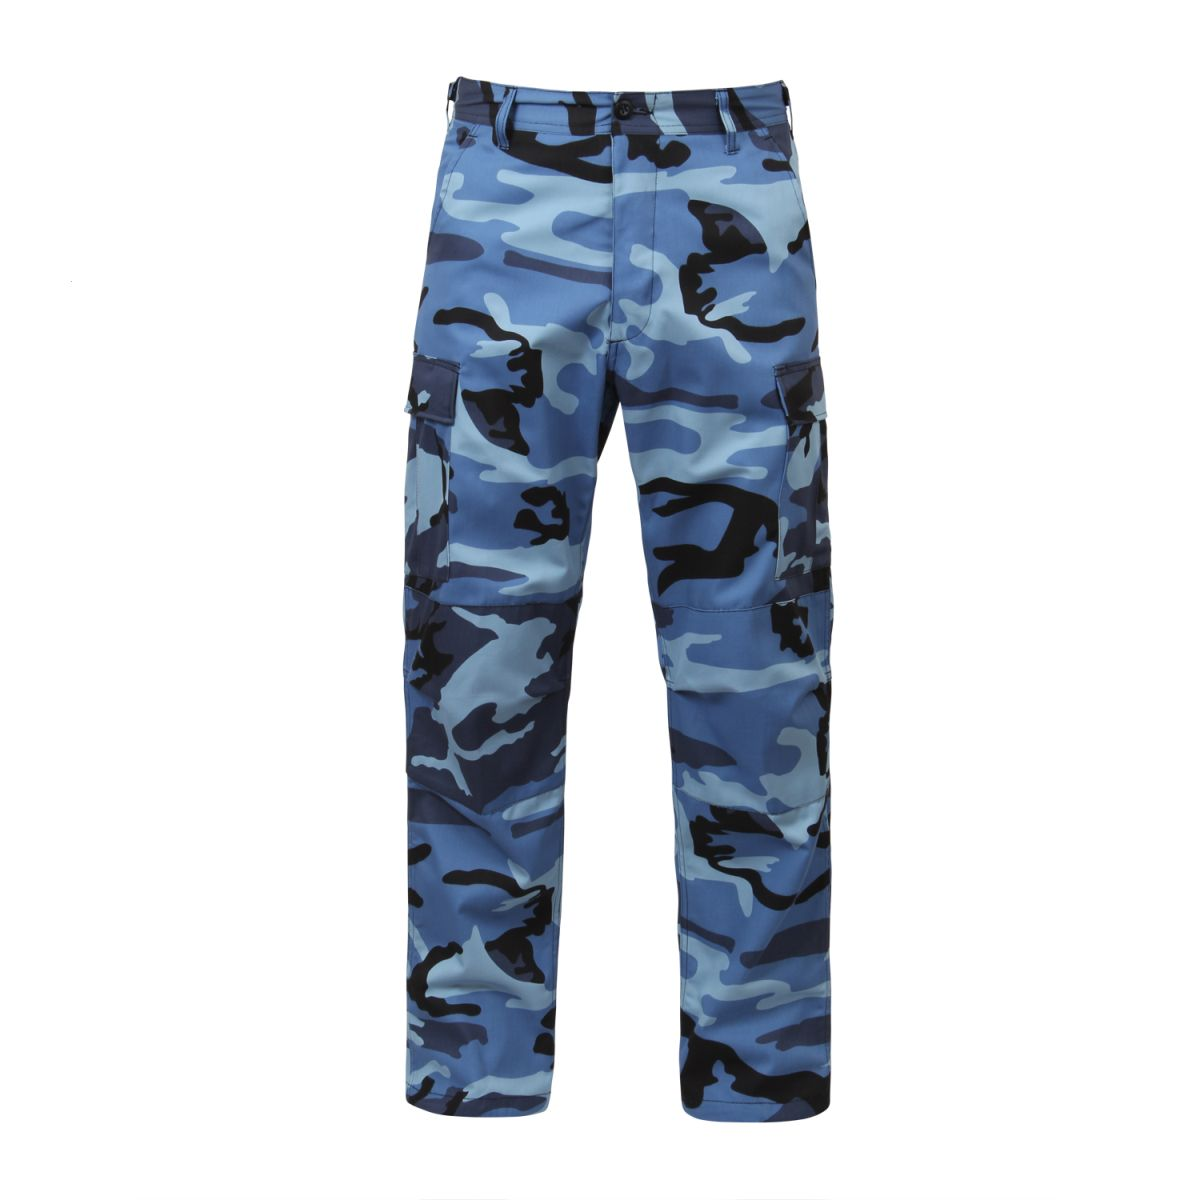 Kalhoty BDU SKY BLUE CAMO ROTHCO 7882 L-11